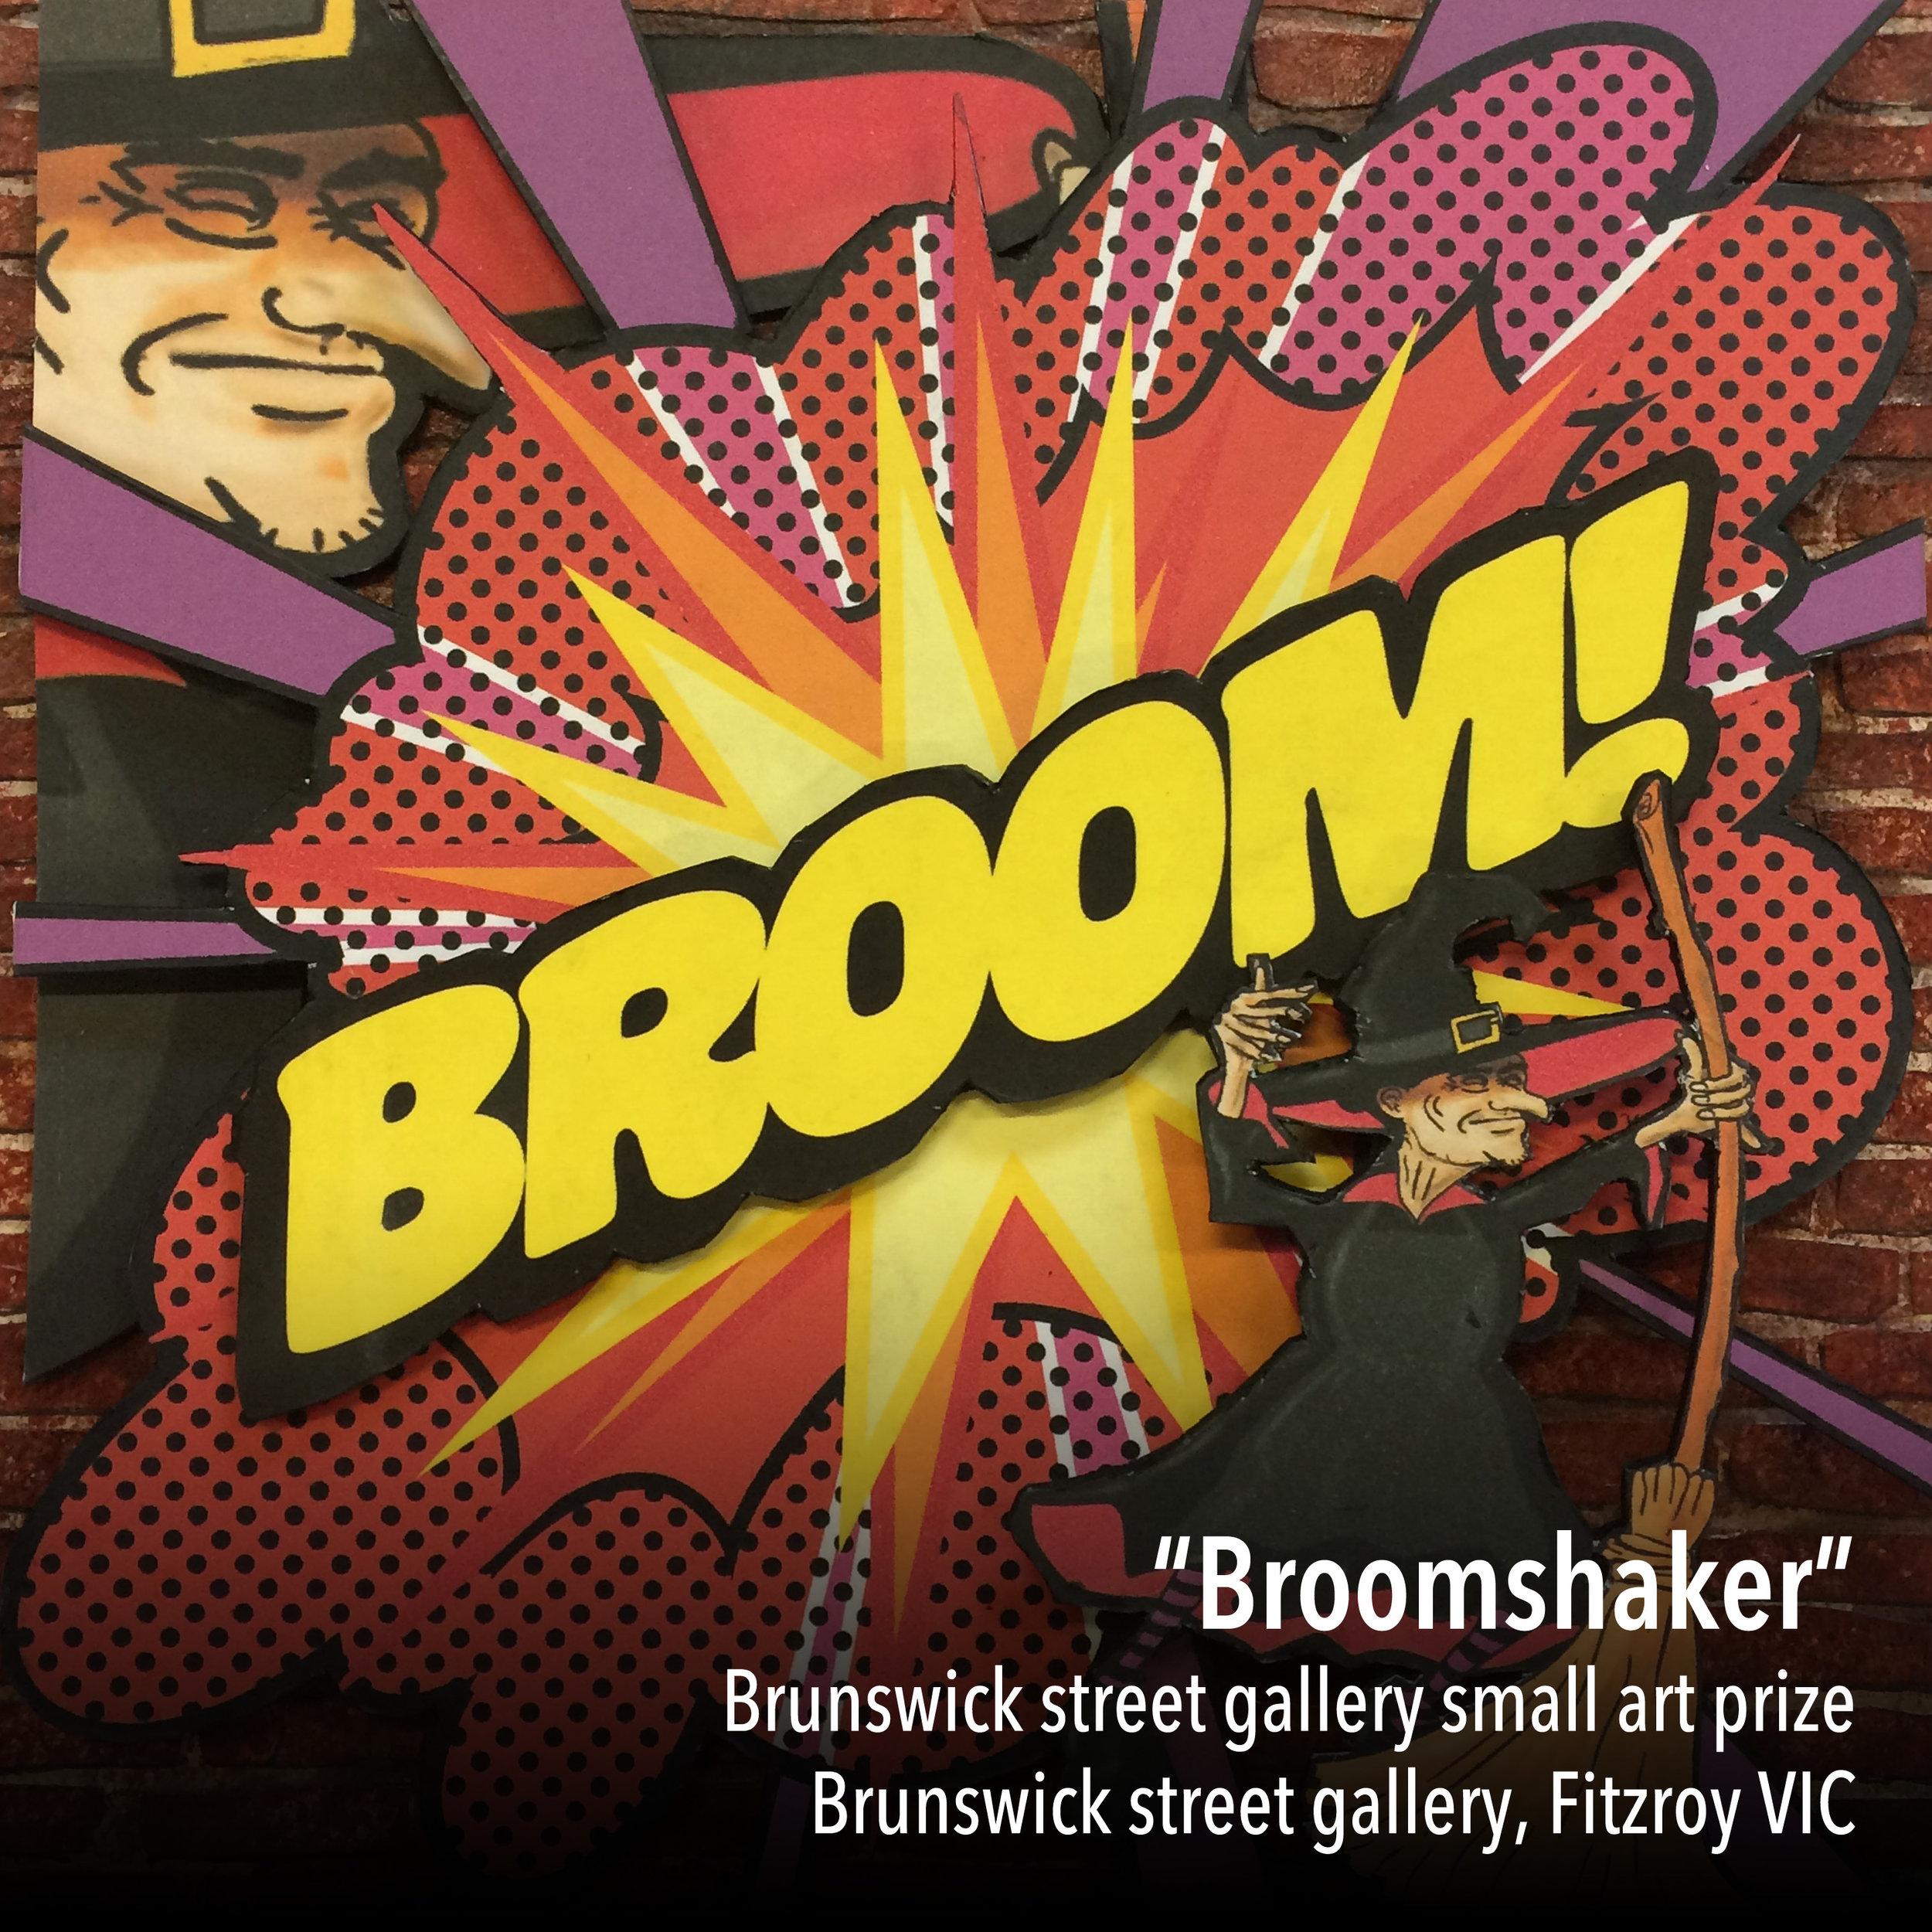 BroomshakerUnframedTitle.jpg